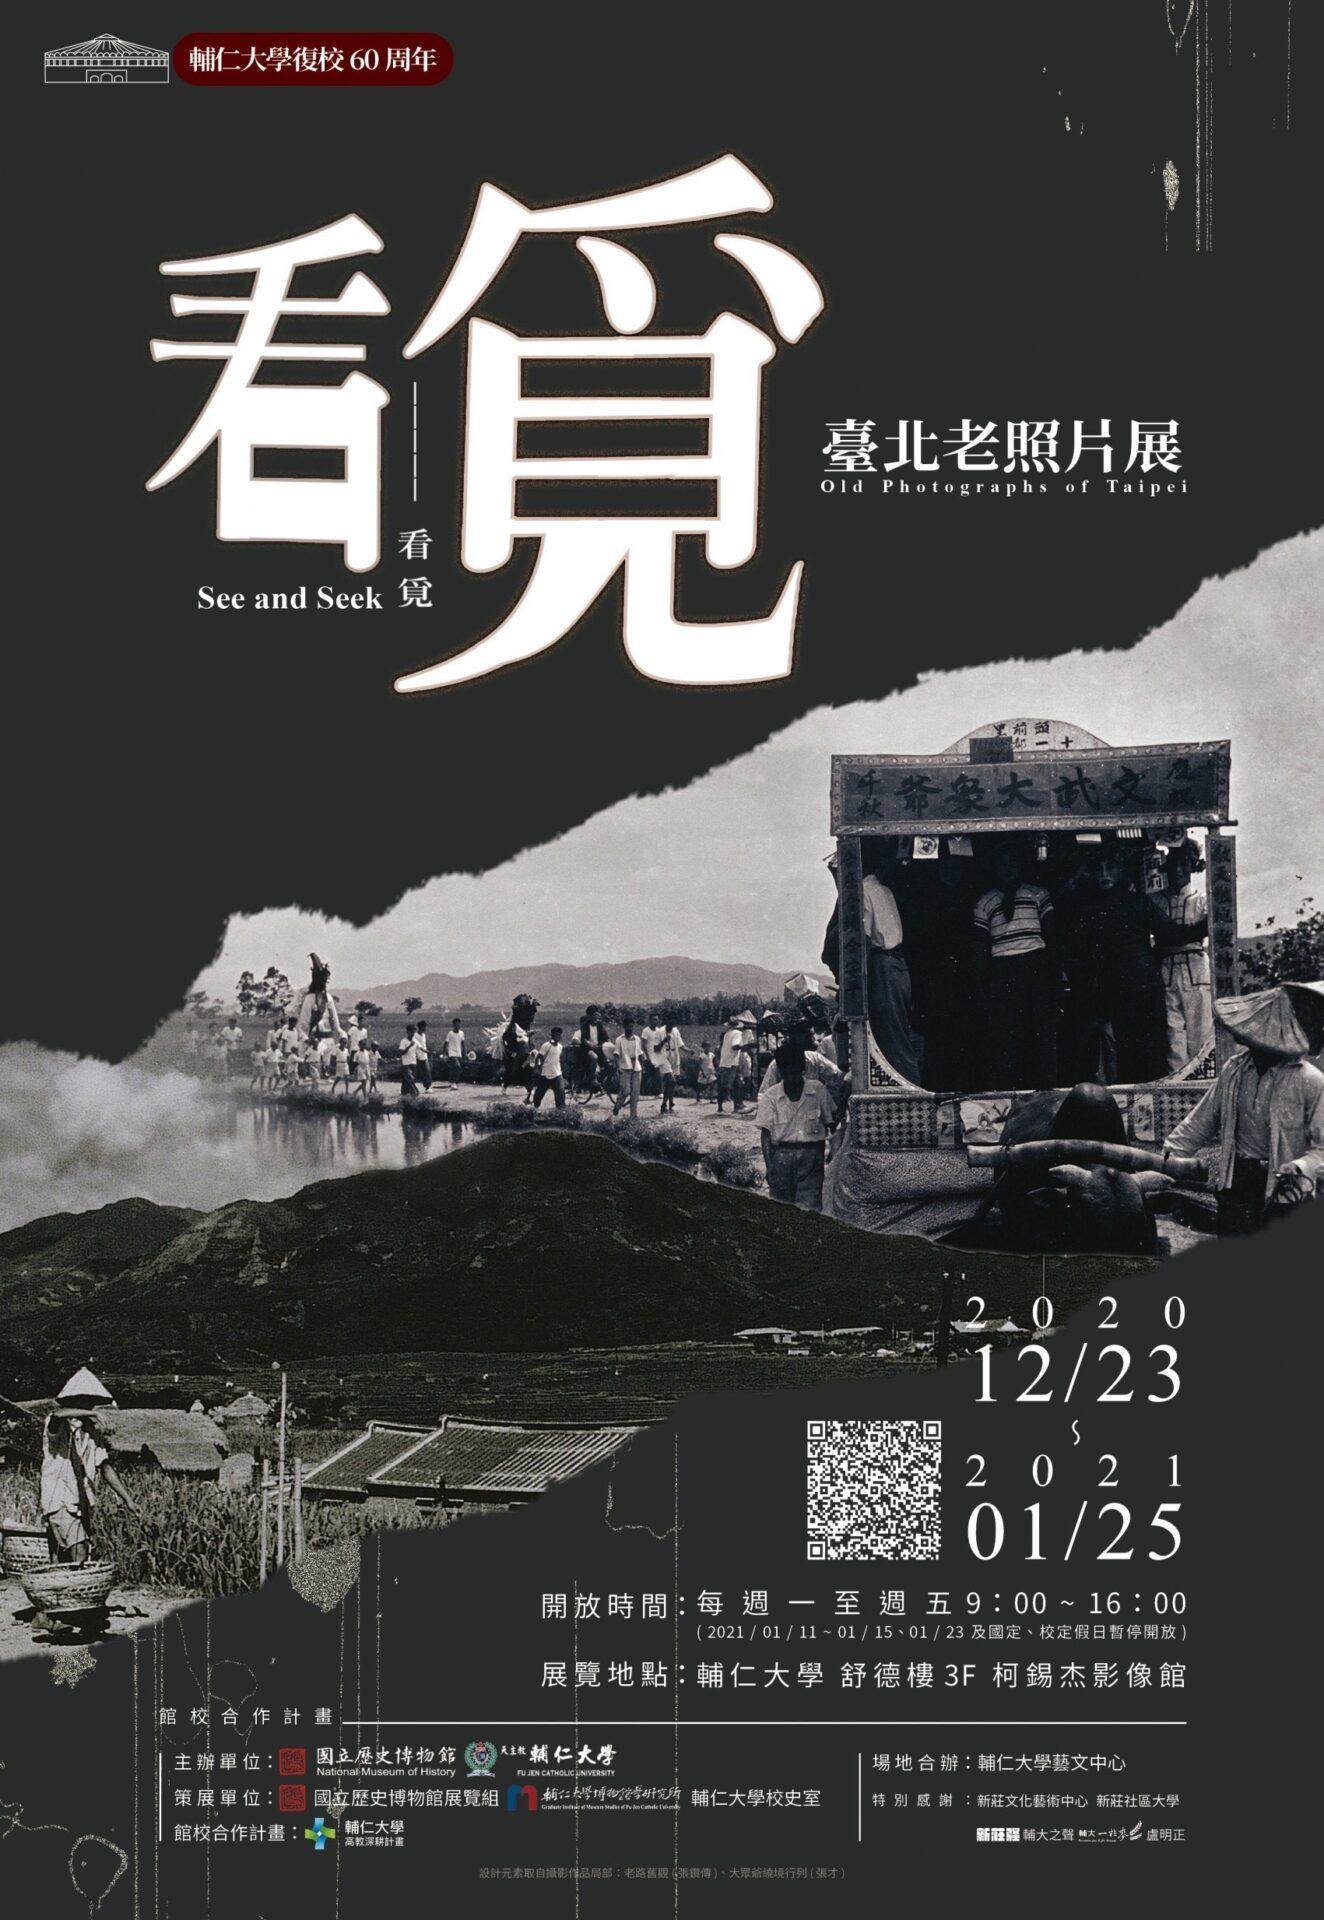 國立歷史博物館x輔仁大學:2020/12/23-2021/01/25【看覓—臺北老照片展】